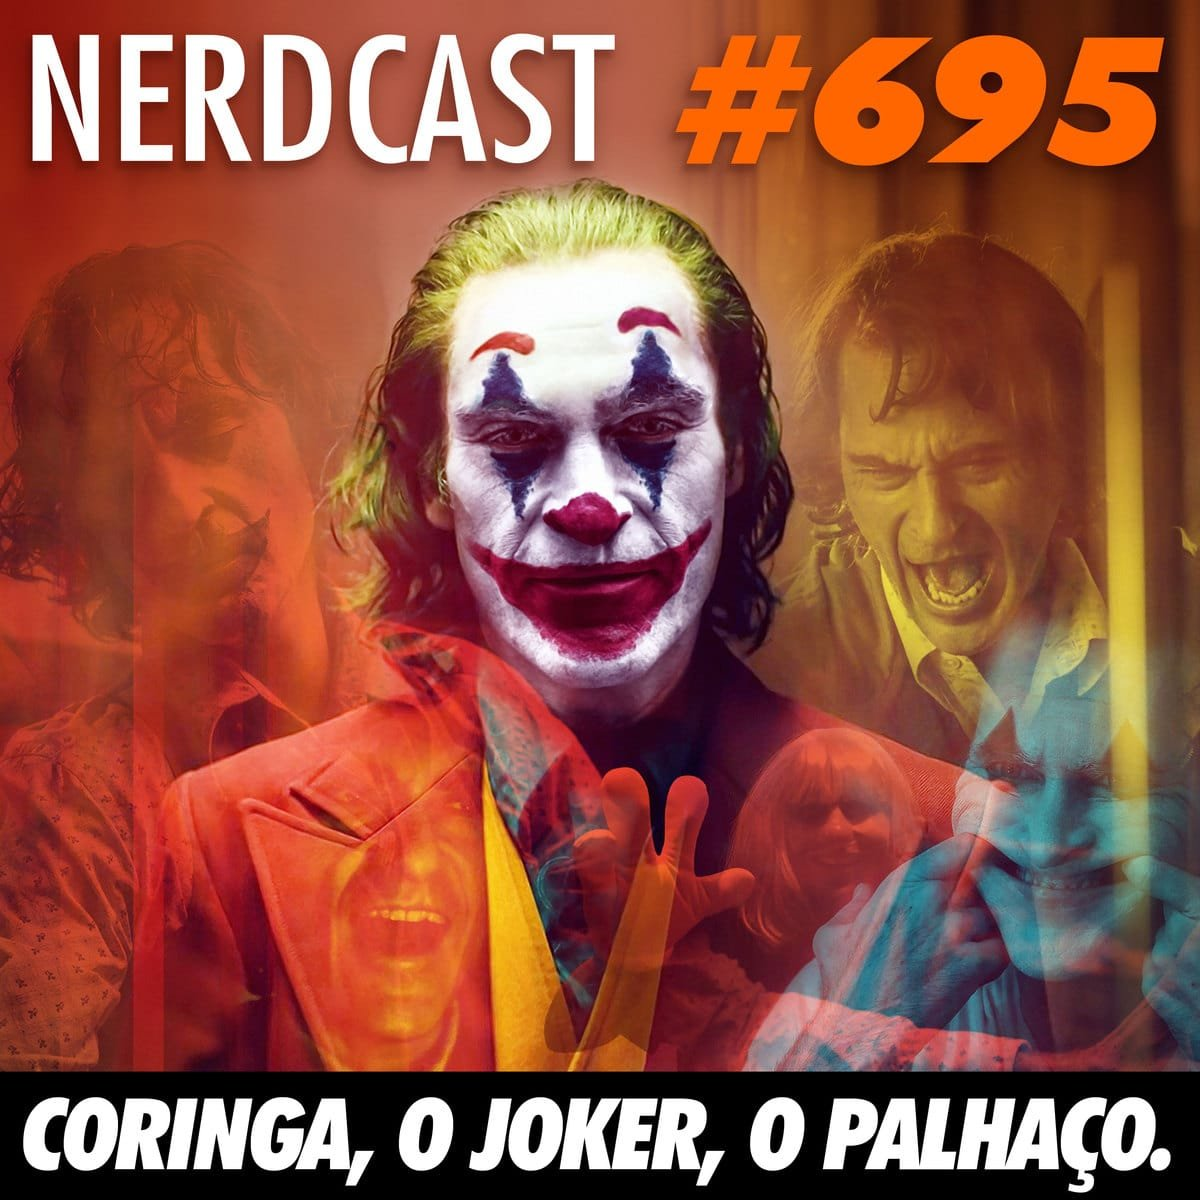 NerdCast 695 - Coringa, o Joker, o Palhaço